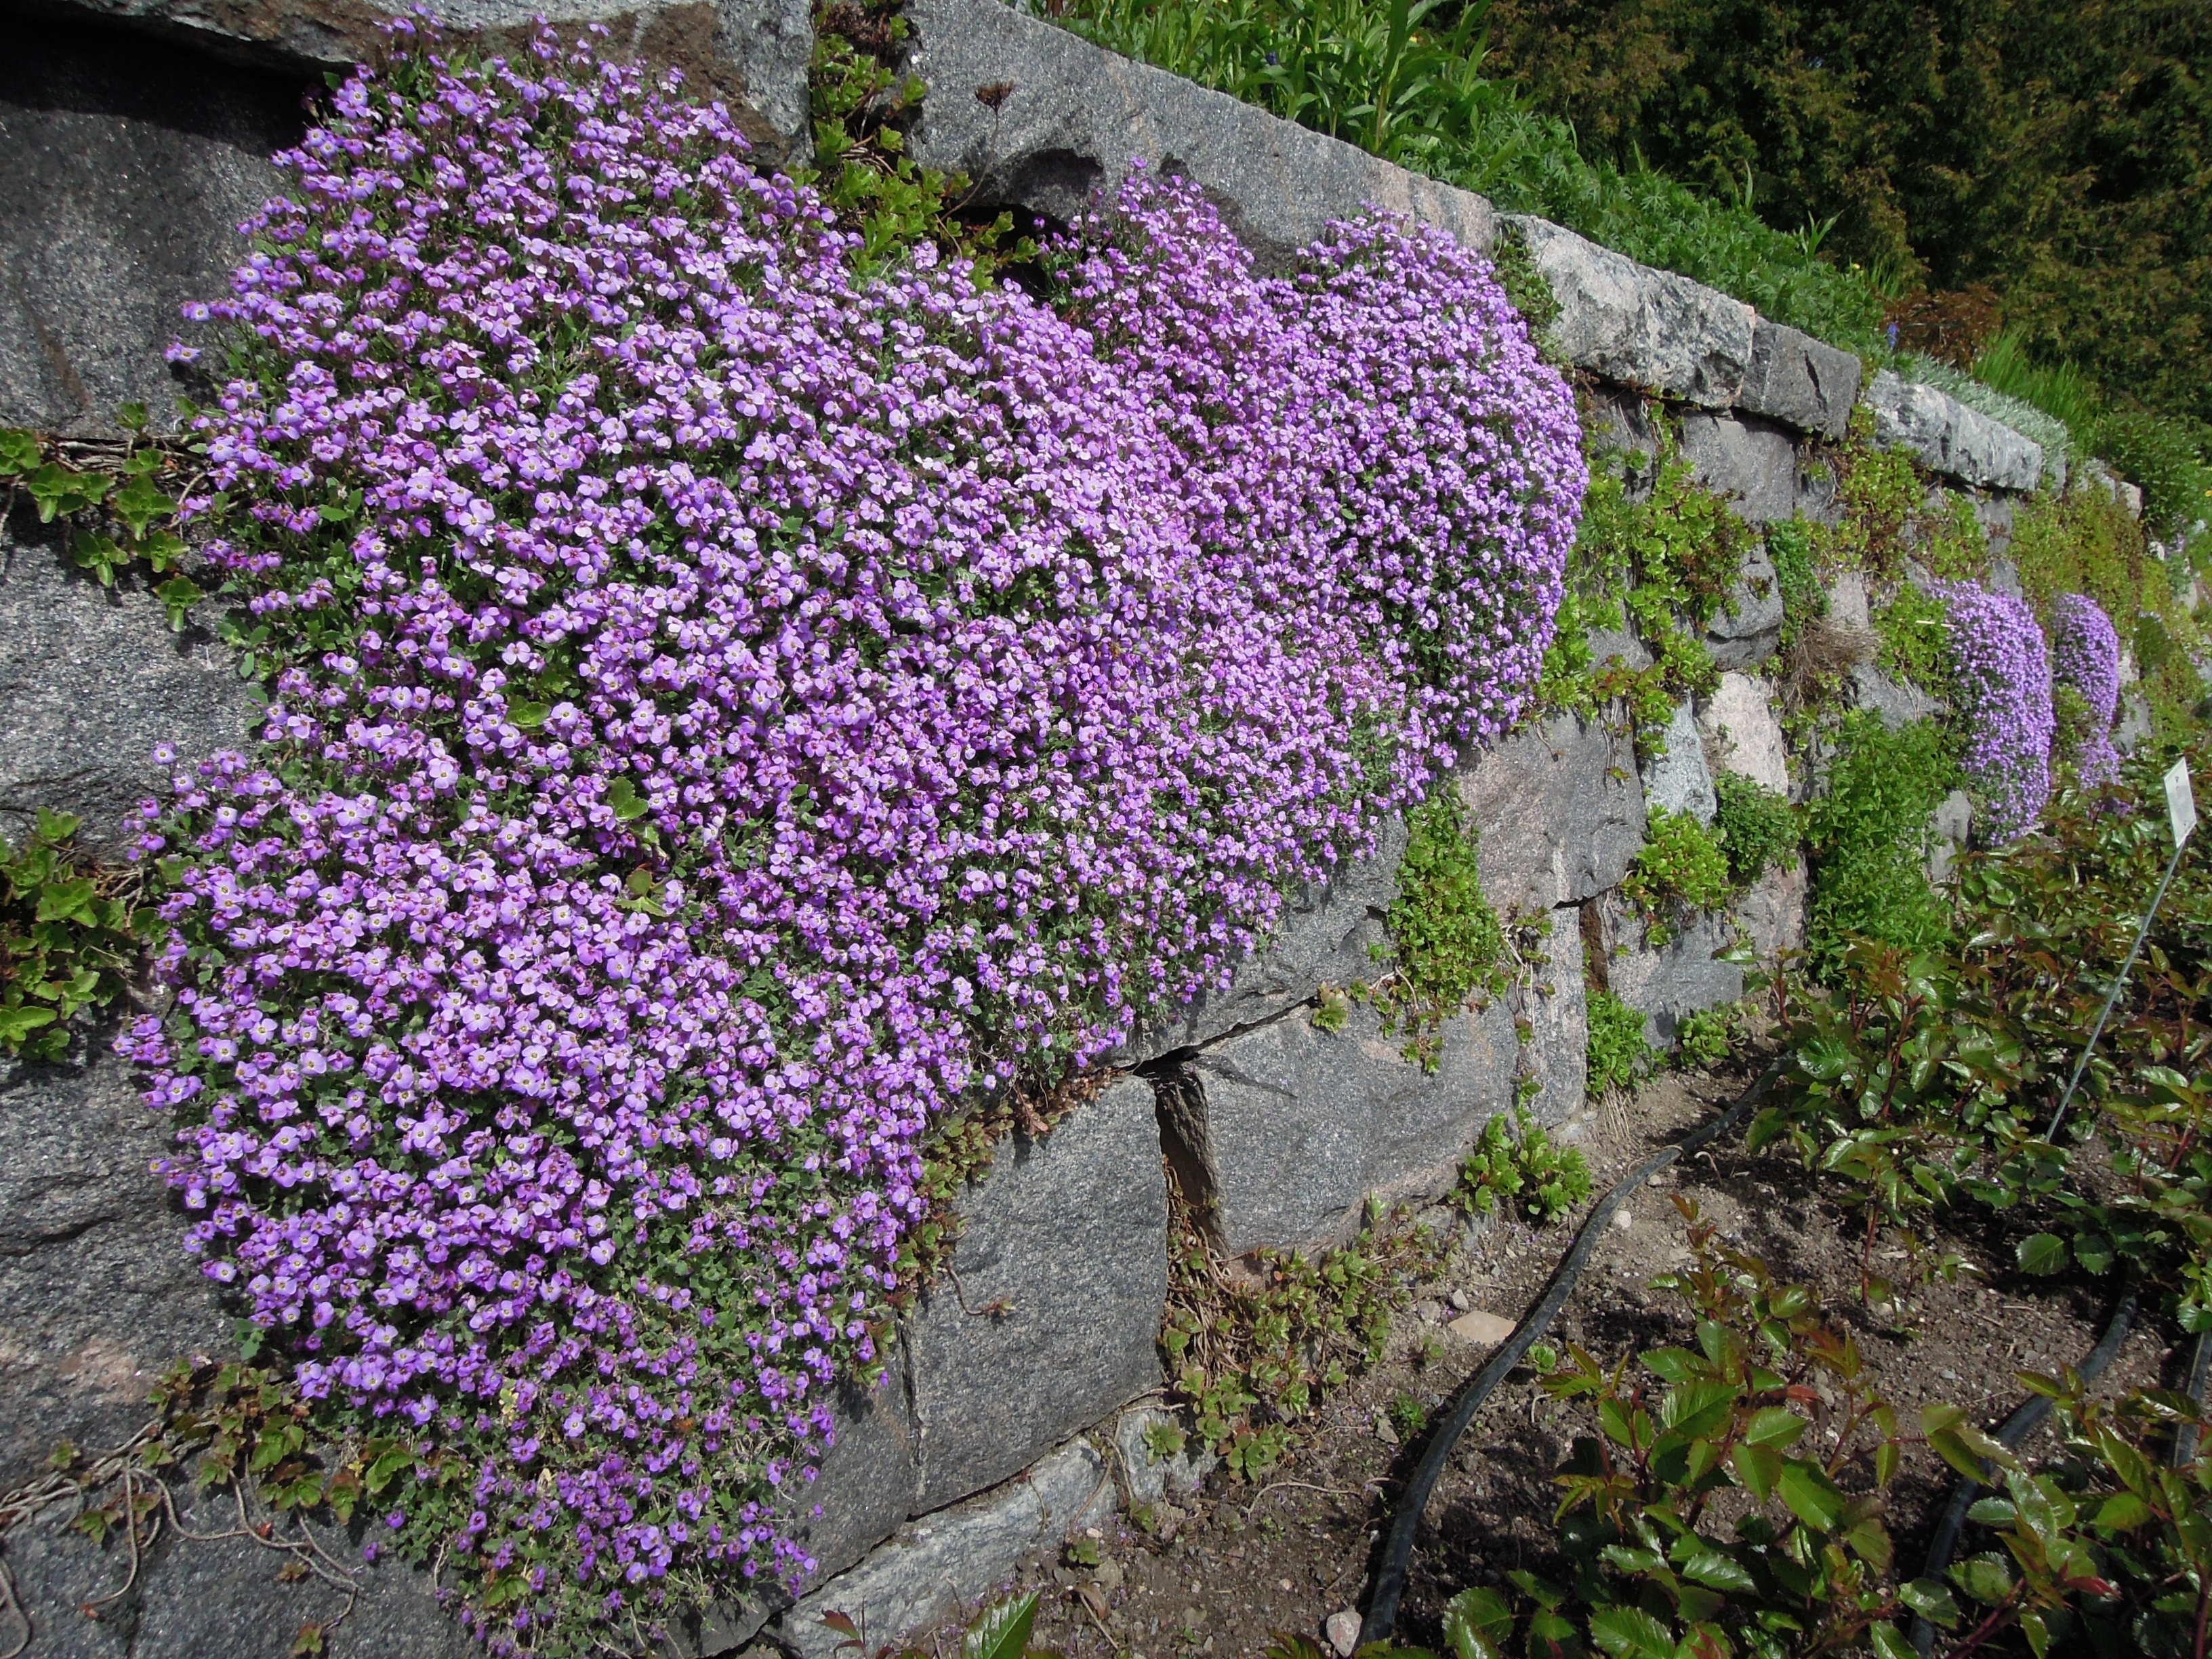 kostenlose foto bl hen blume lila alt mauer botanik garten flora wildblume strauch. Black Bedroom Furniture Sets. Home Design Ideas